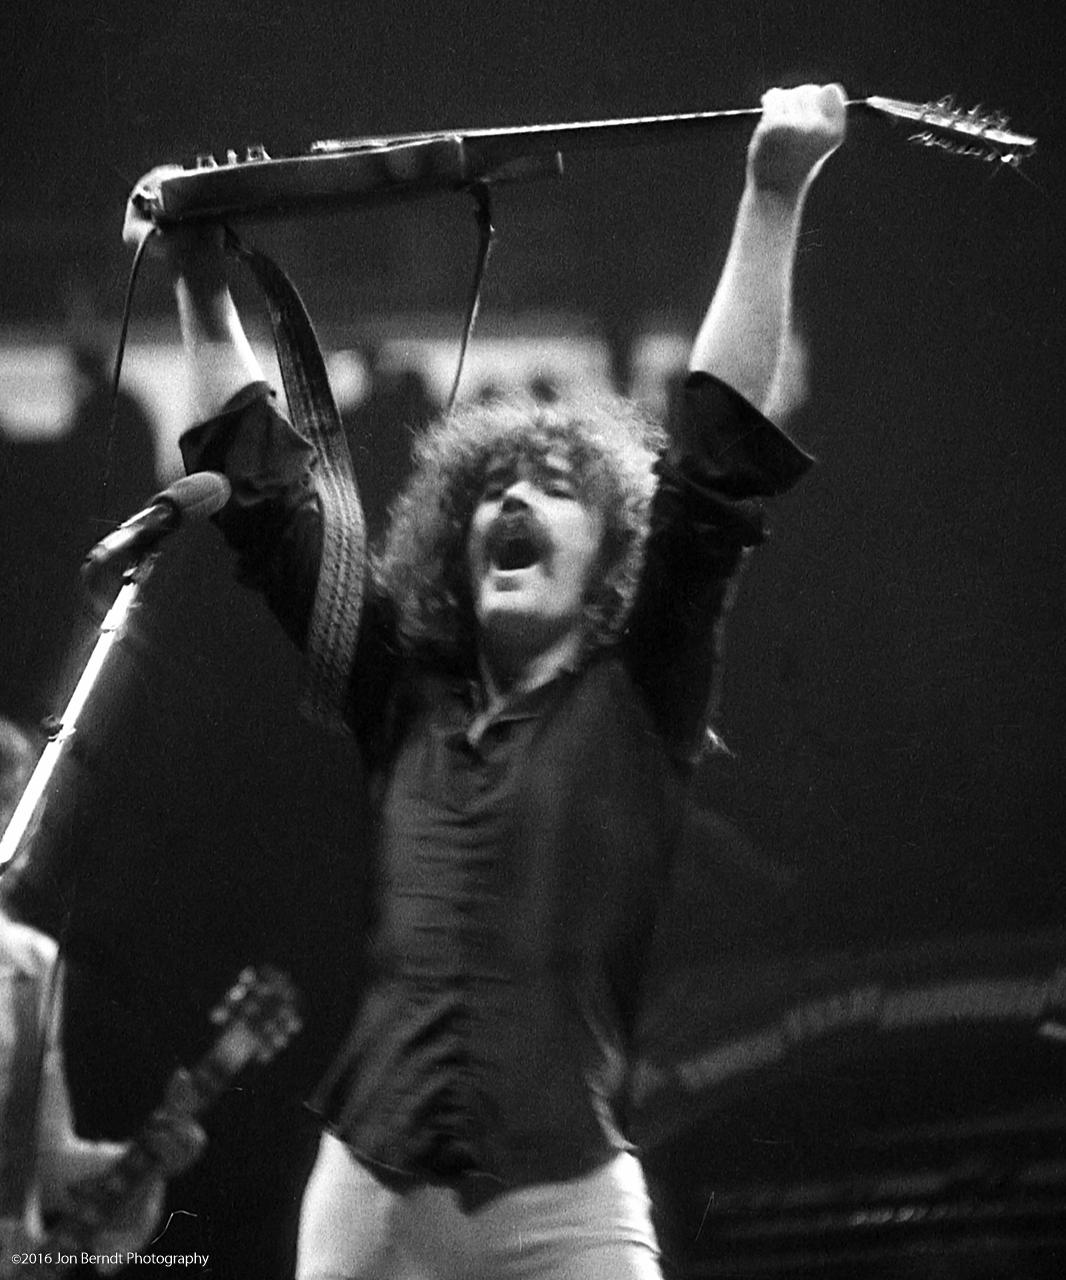 1978: Brad Delp